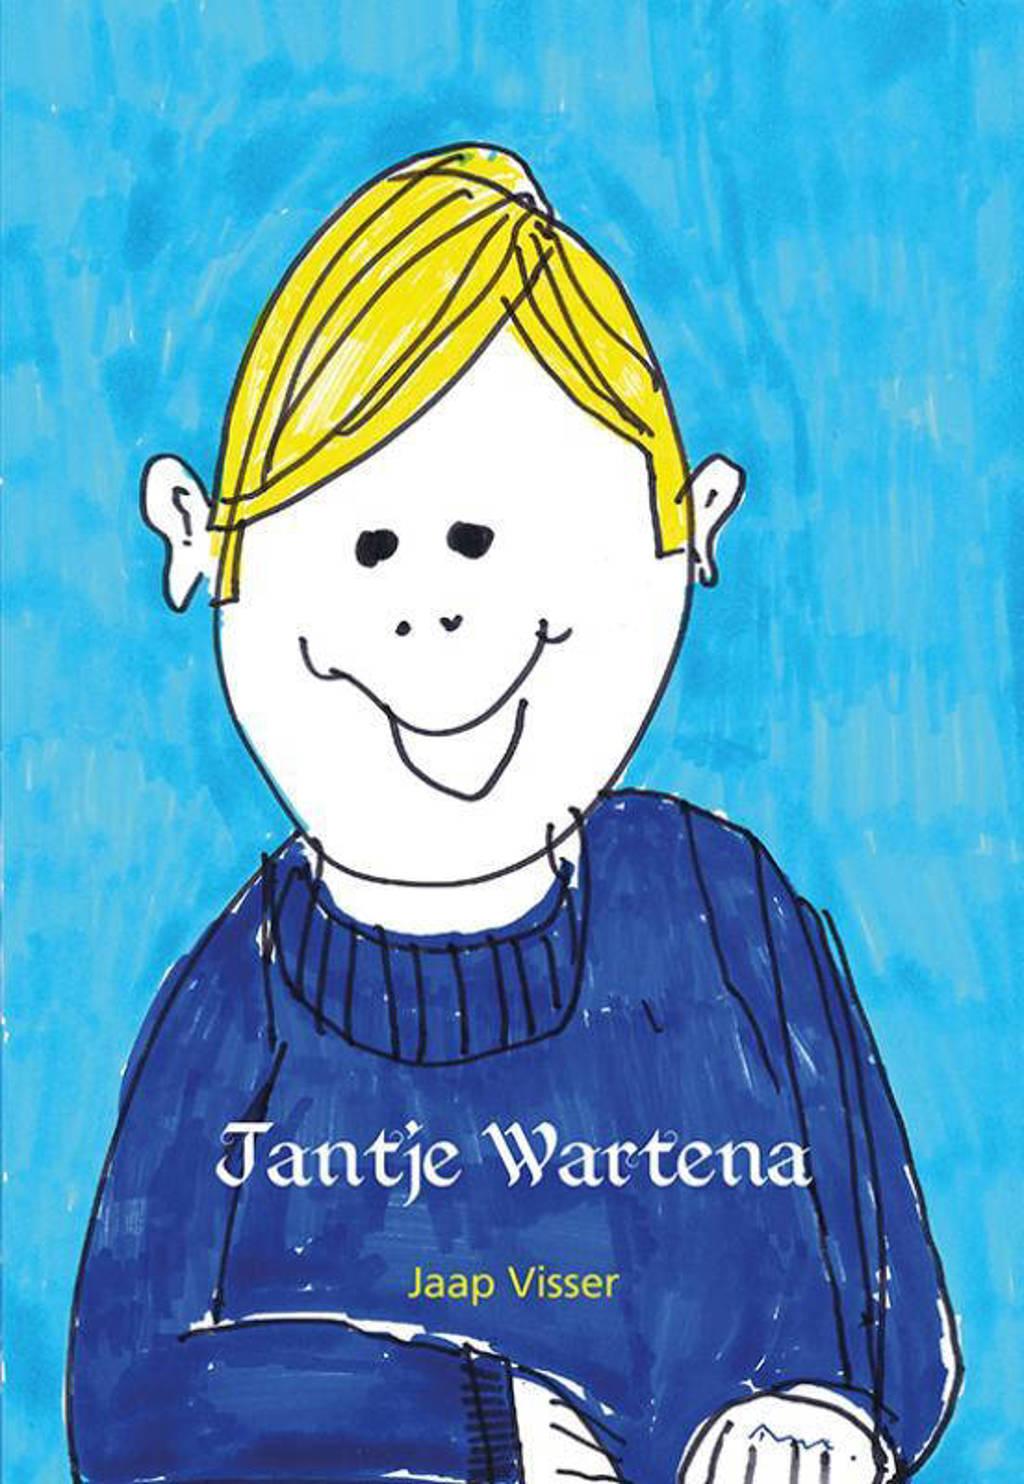 Jantje Wartena - Jaap Visser